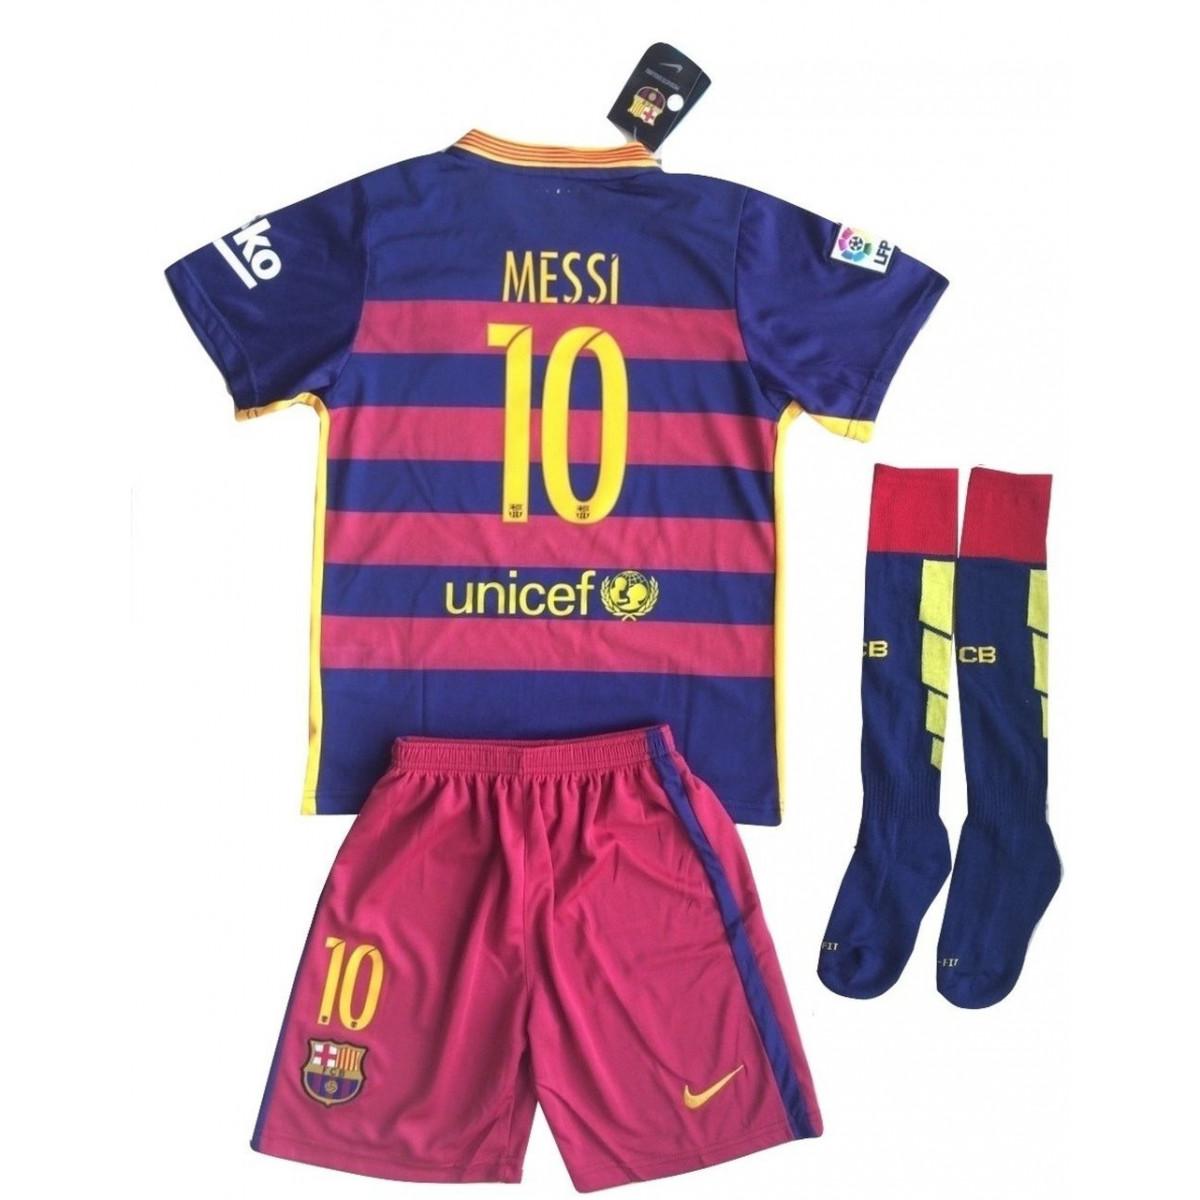 6c89c74abb7 Malinkakova Barcelona Messi #10 Soccer Jersey Set (Shirt + Shorts + ...